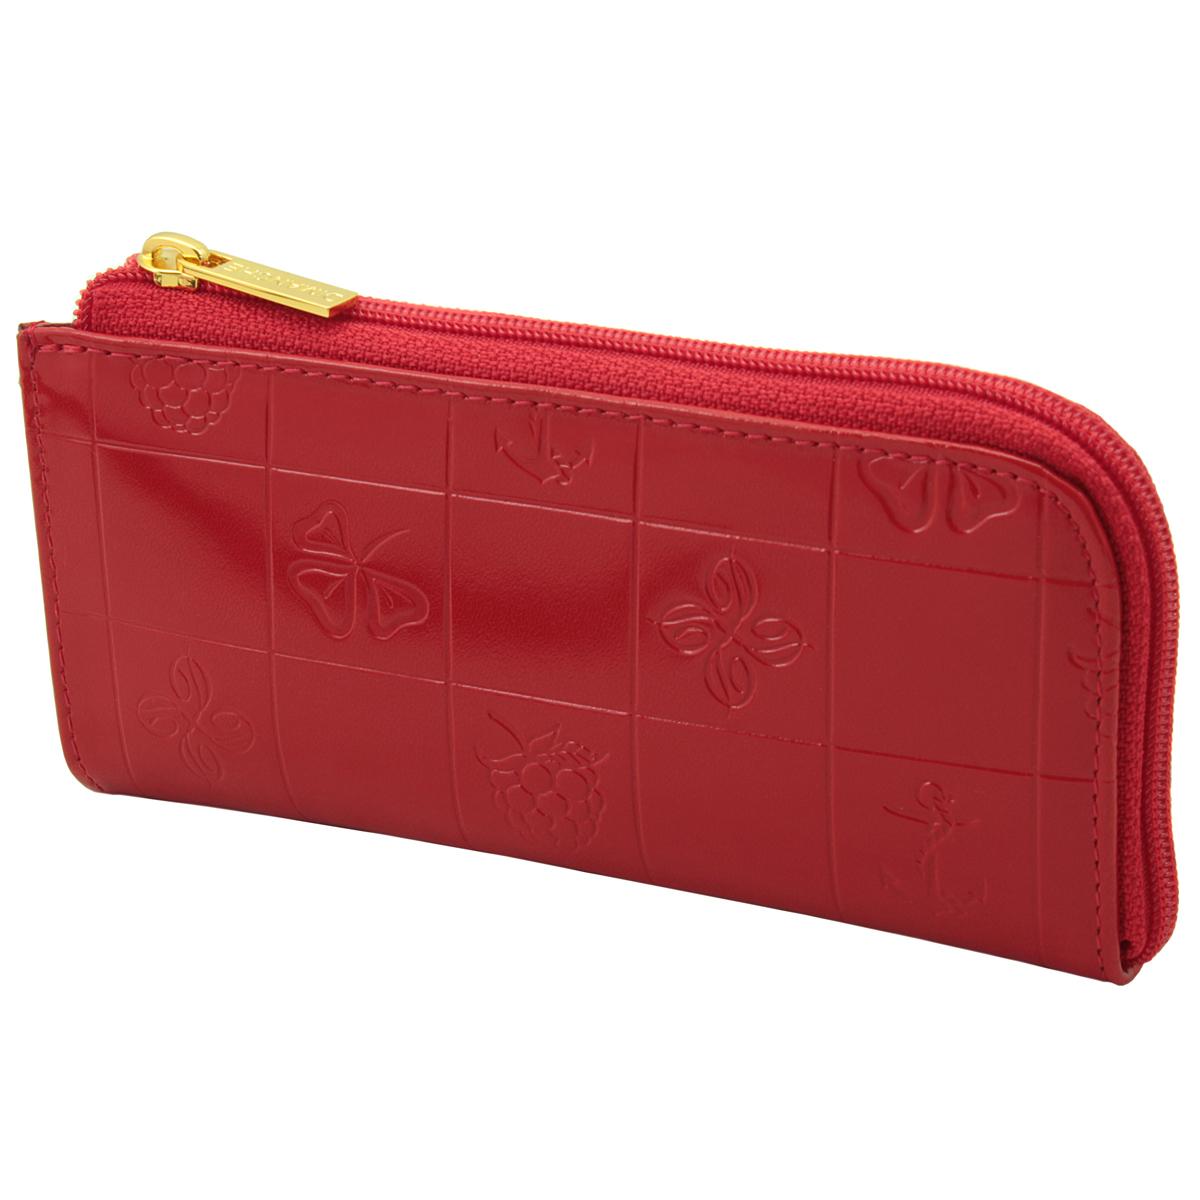 Ключница Dimanche Bonbon, цвет: красный. 219219Компактная ключница Bonbon - стильная вещь для хранения ключей. Ключница выполнена из натуральной кожи красного цвета с тиснением. Состоит из одного отделения, закрывающегося на застежку-молнию. Внутри ключницы на кожаной петле крепится металлическое кольцо для ключей. На внешней стороне расположен дополнительный карман на молнии. Ключница упакована в фирменную картонную коробку.